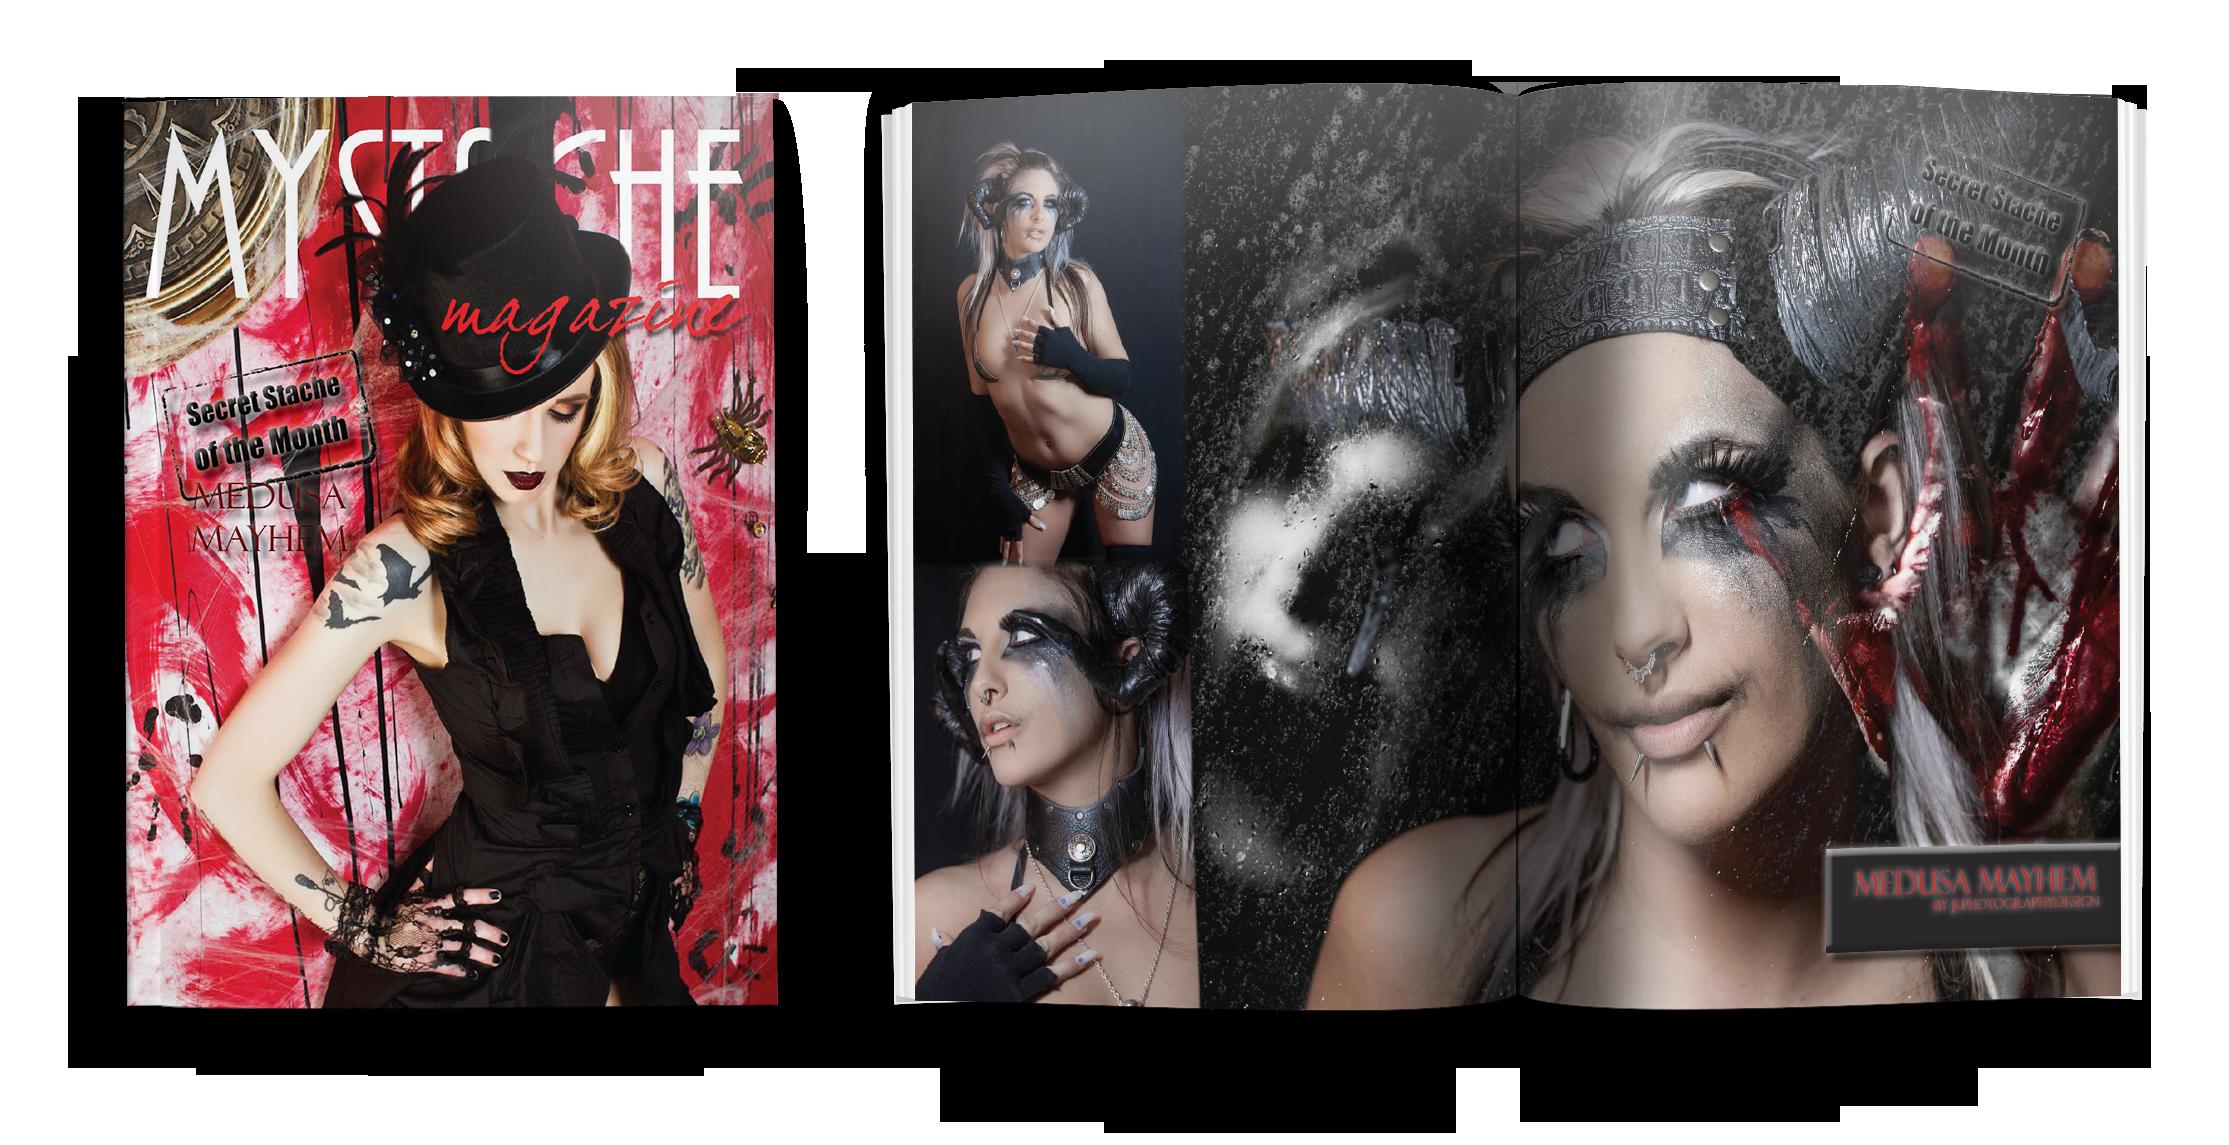 mystache_magazine_my_stache_halloweird_edition_render1.png